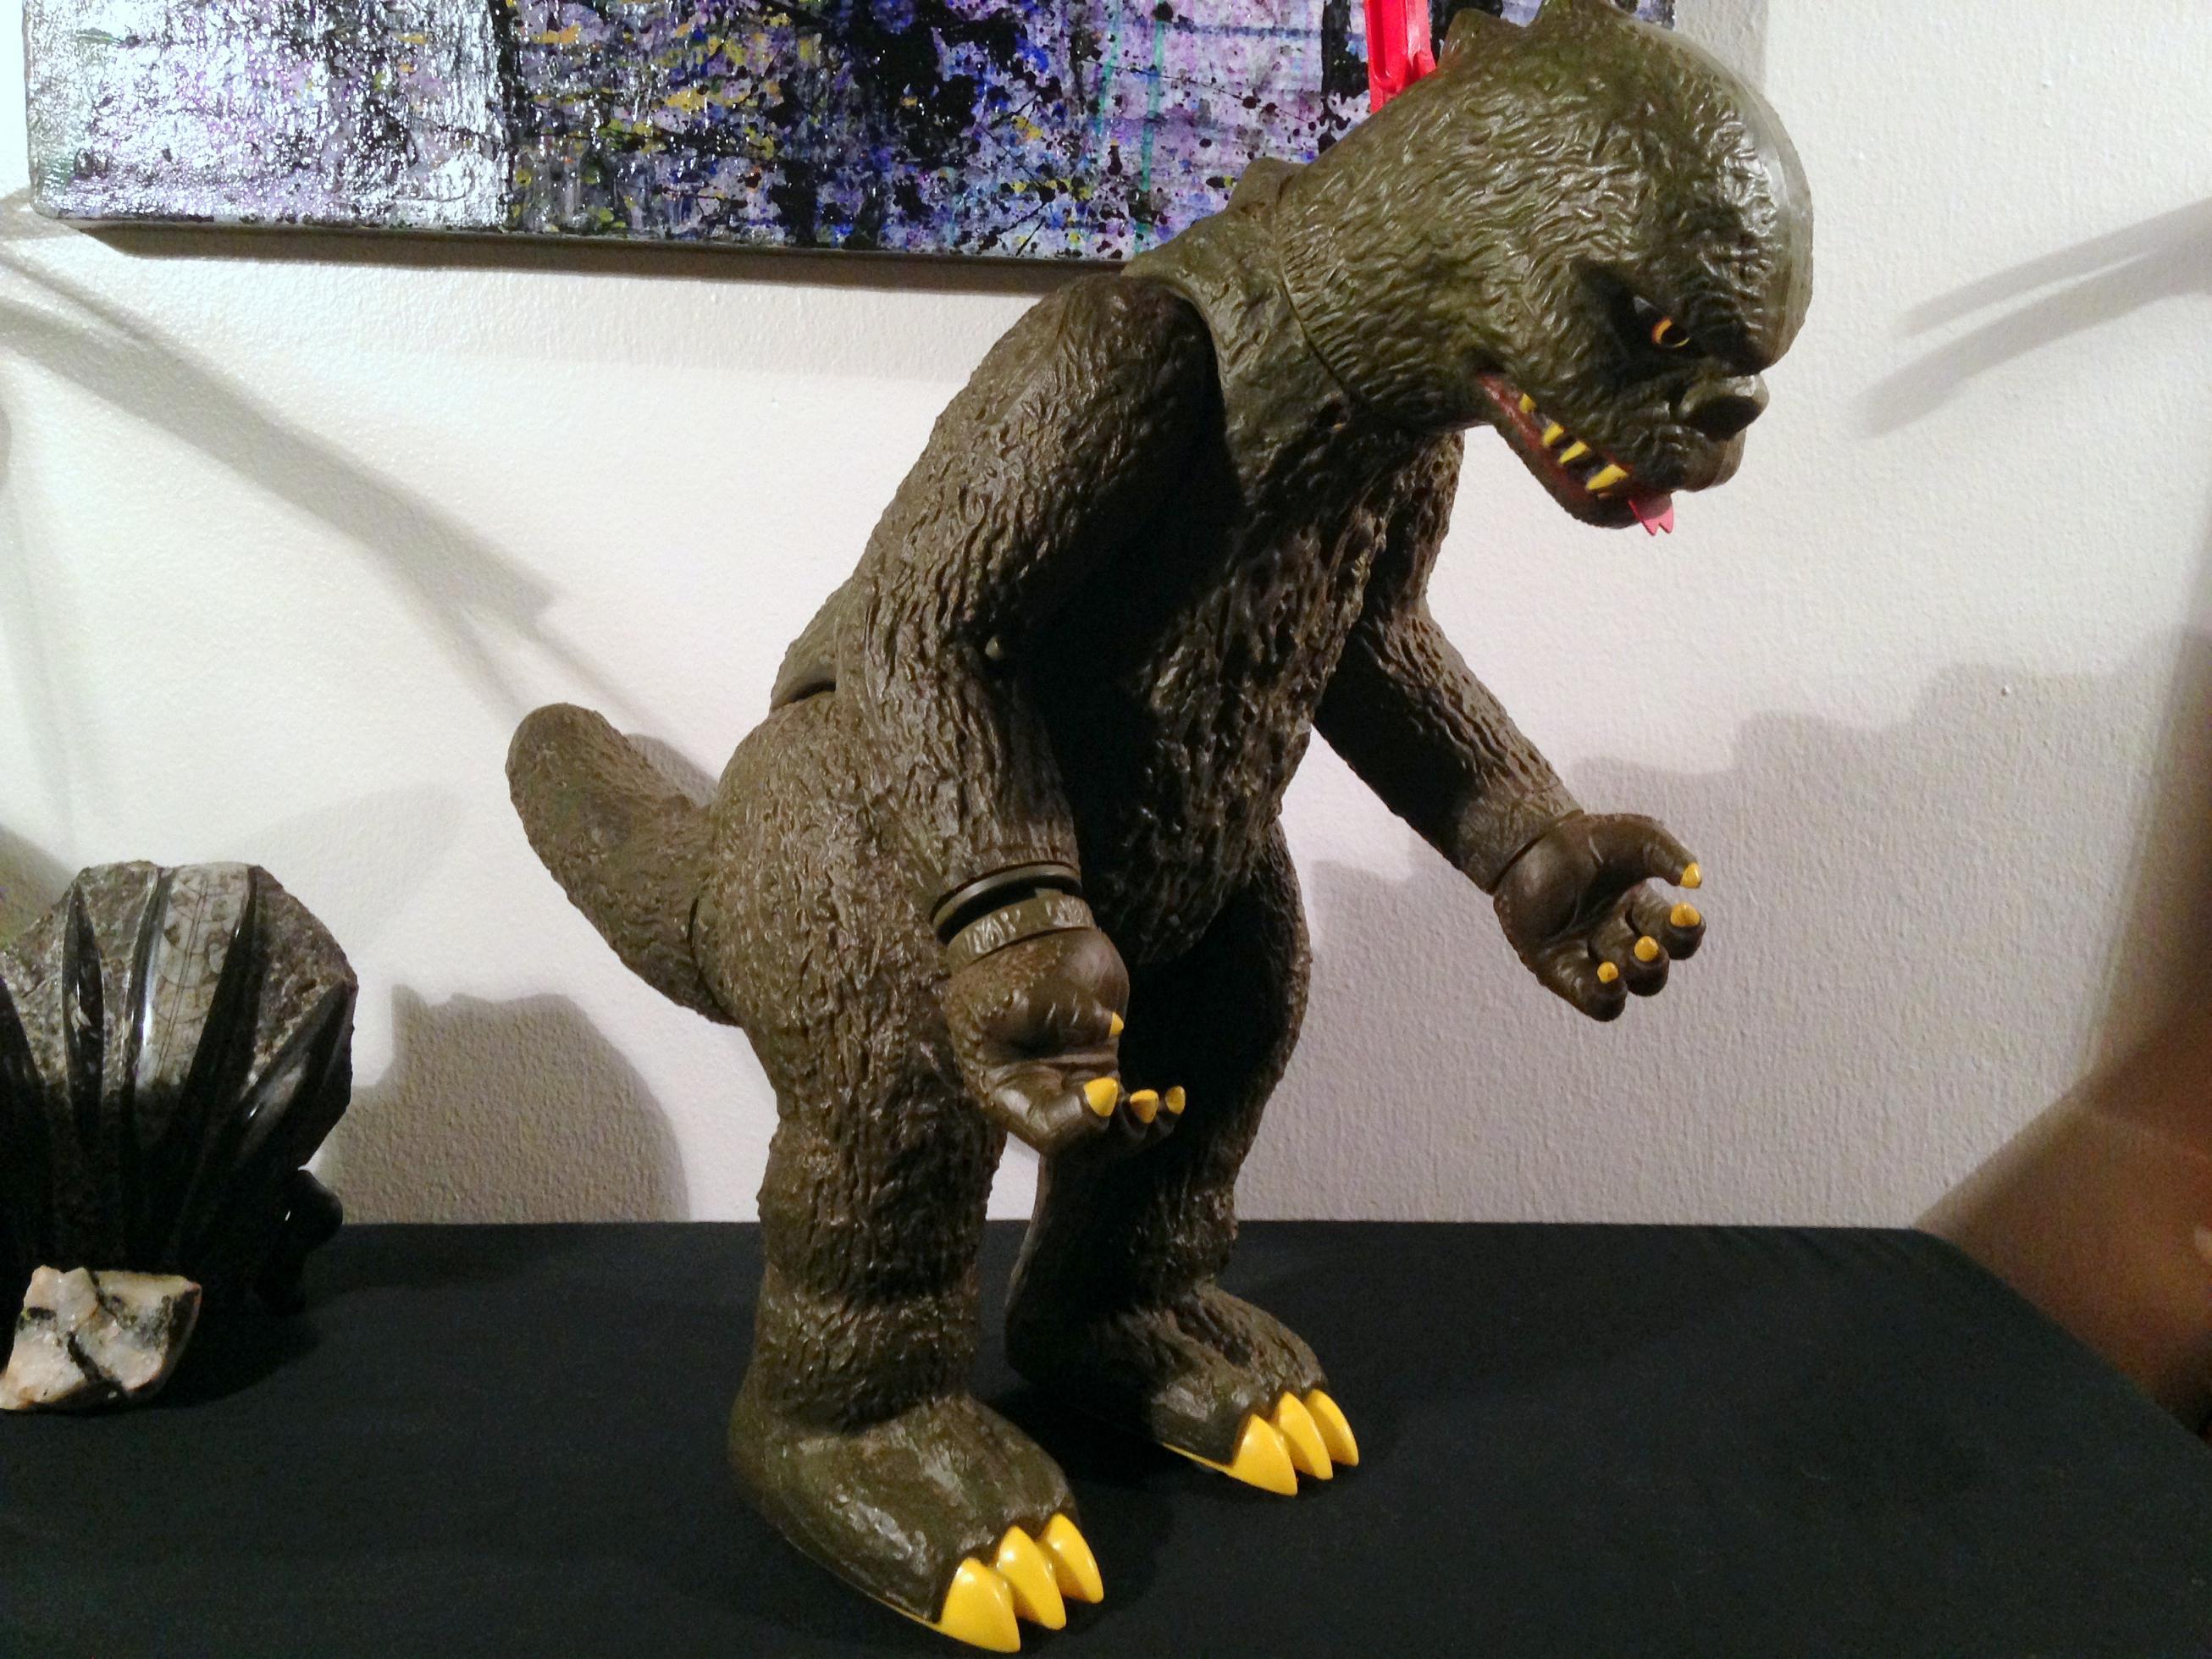 Godzilla 1977 Toho Shogun Warrior - (11)